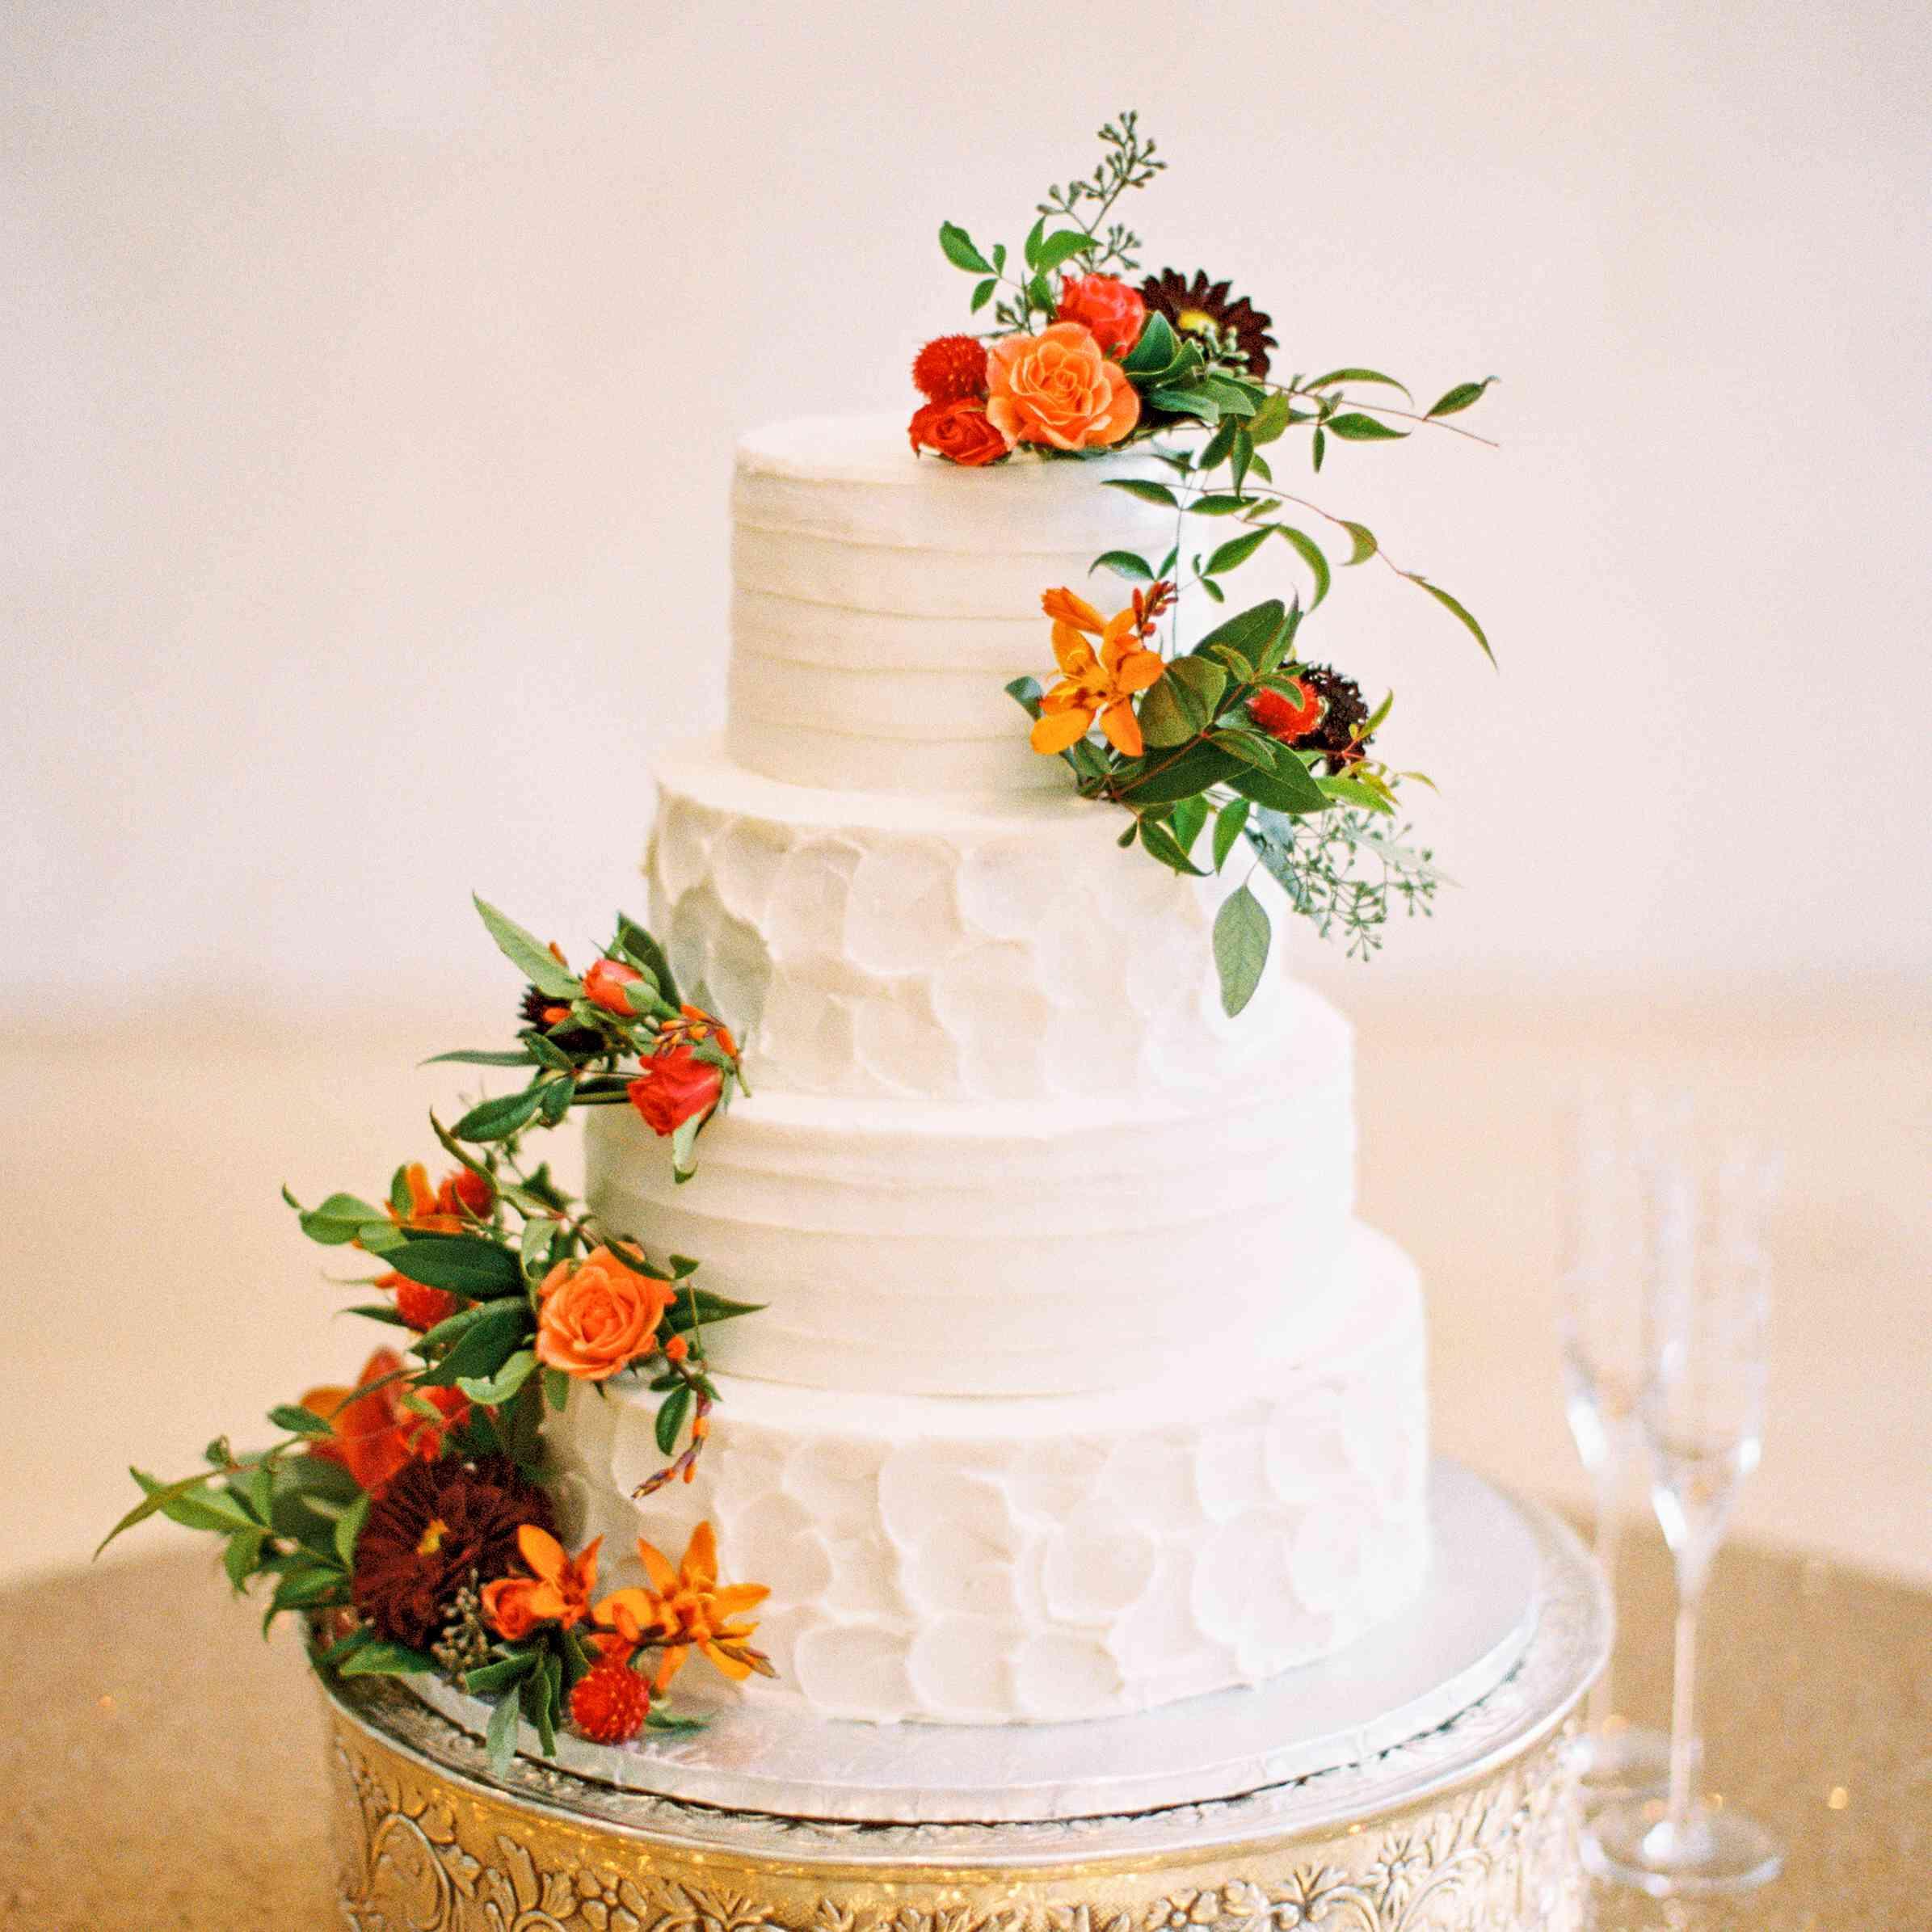 White Wedding Cake with Orange Roses